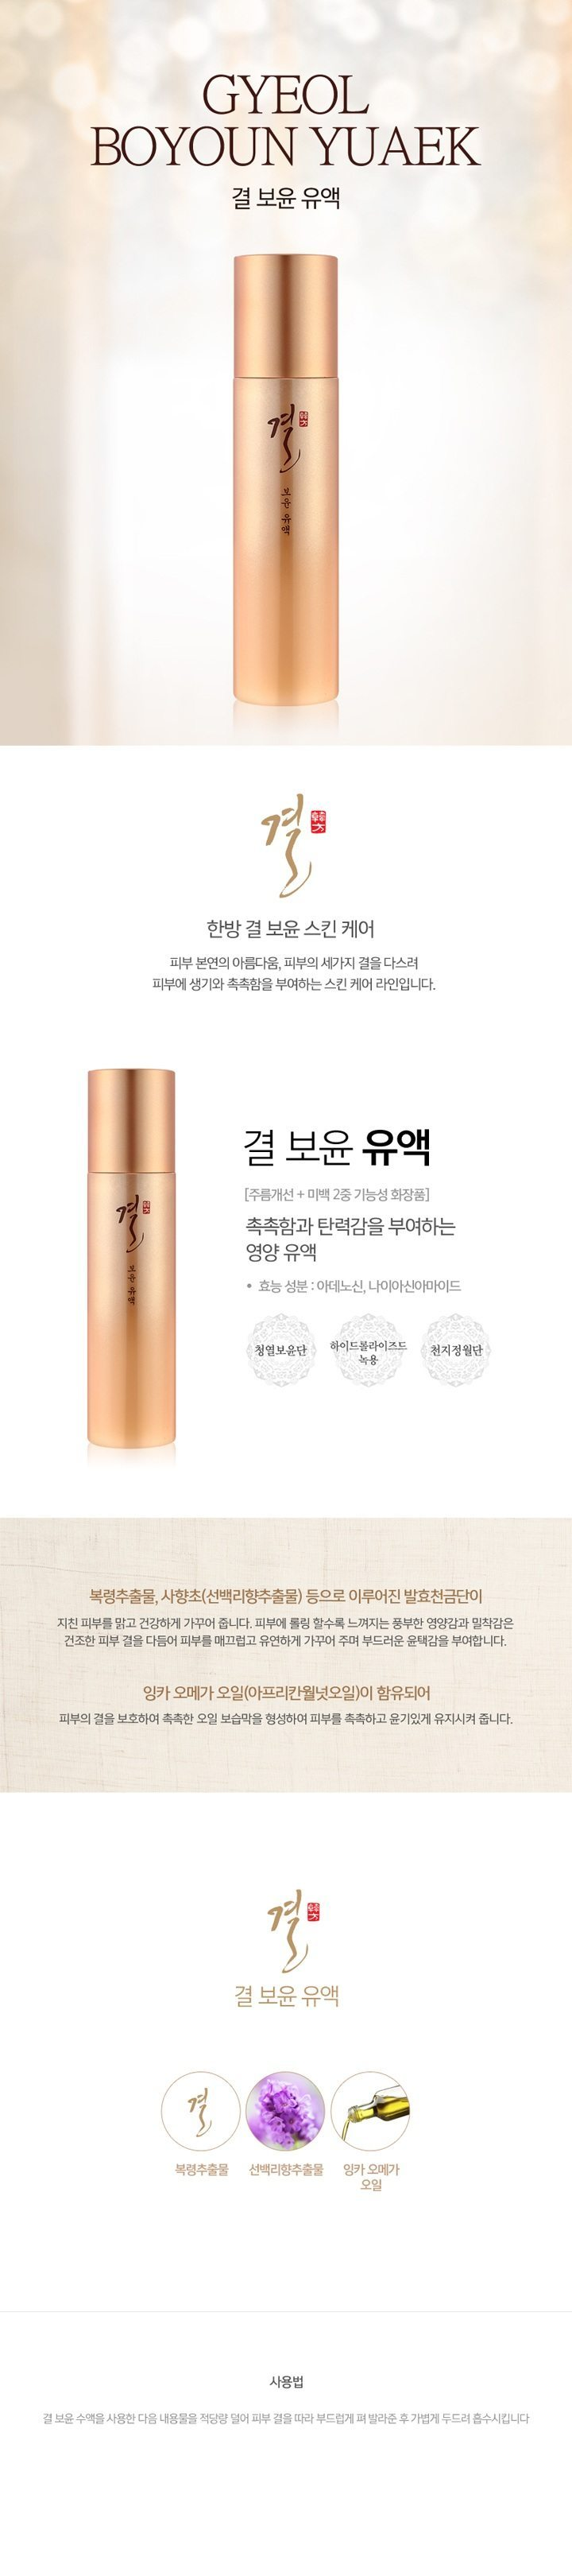 Tony Moly Gyeol Boyoun Yuaek [Emulsion] korean cosmetic skincare product online shop malaysia italy germany1